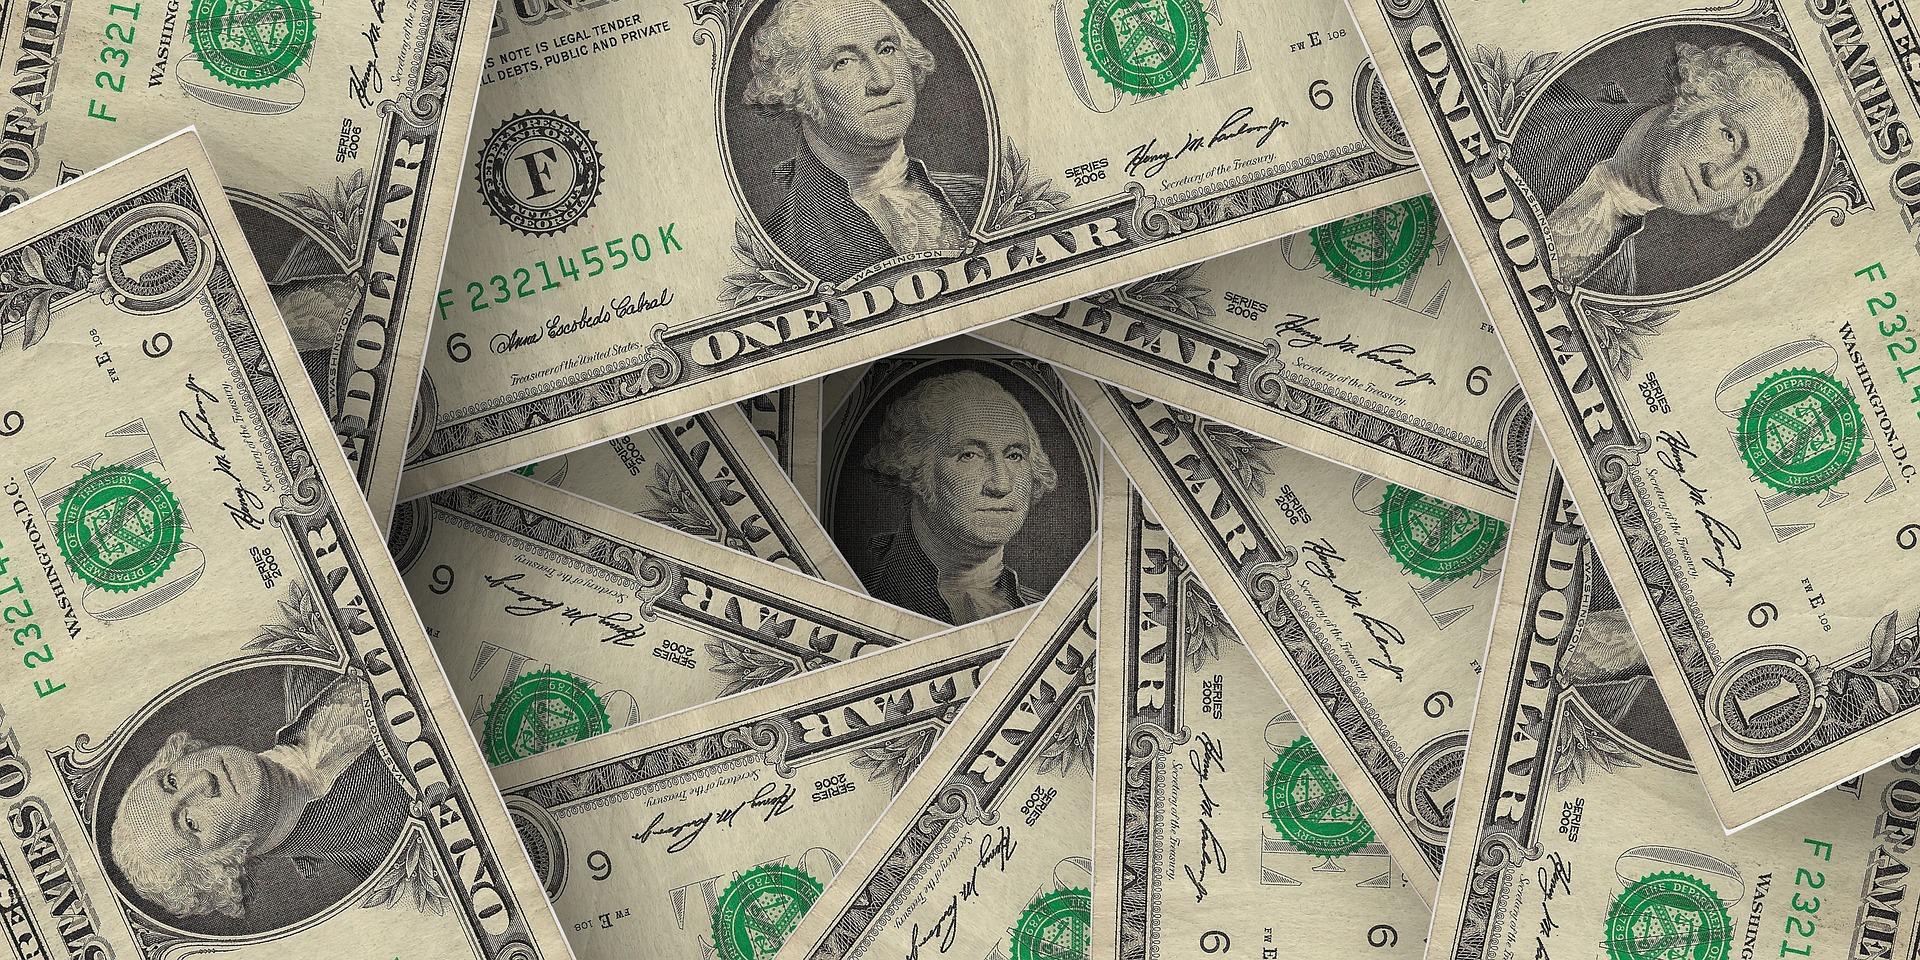 (Bolsa subiu 0,81% influenciada por mercado norte-americano. Foto: Reprodução/Pixabay )